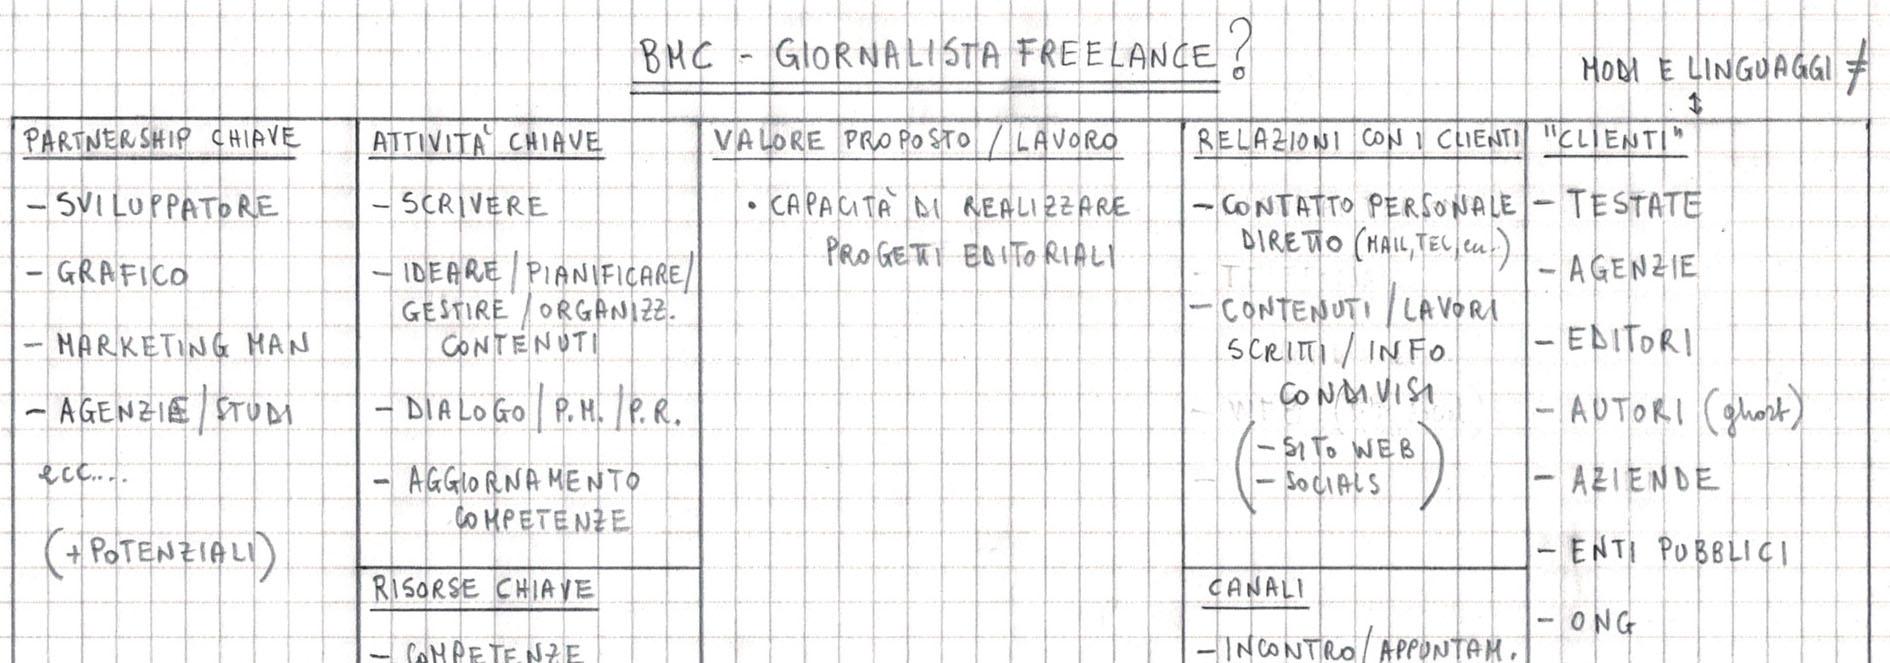 Cover BMC per giornalisti e freelance - Giulio Caresio